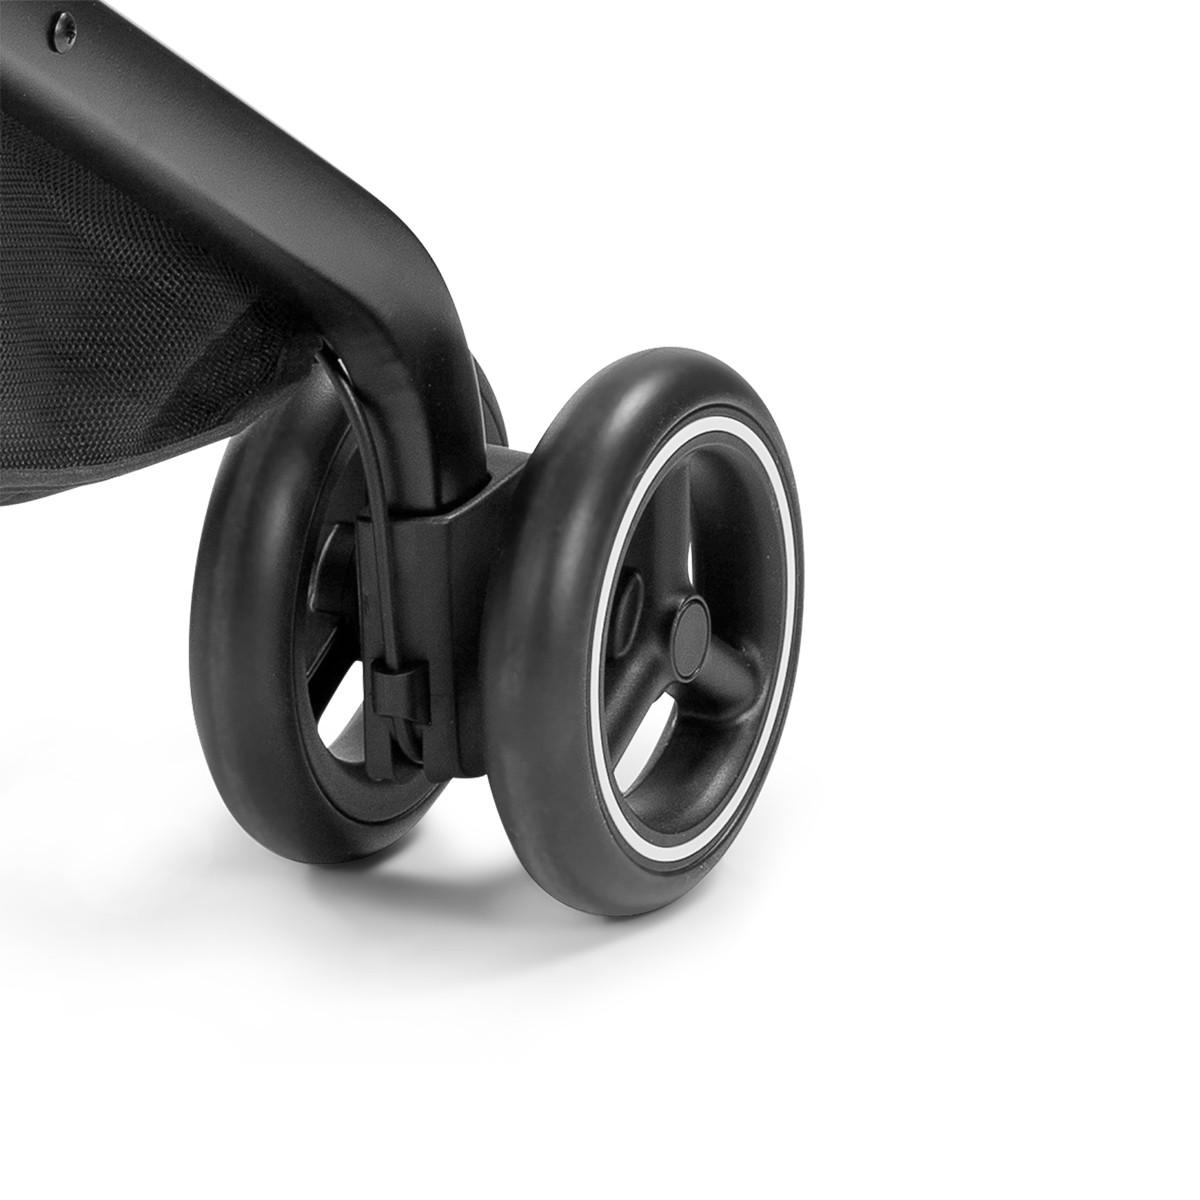 GB kolica Qbit+, all terrain velvet black 6m+